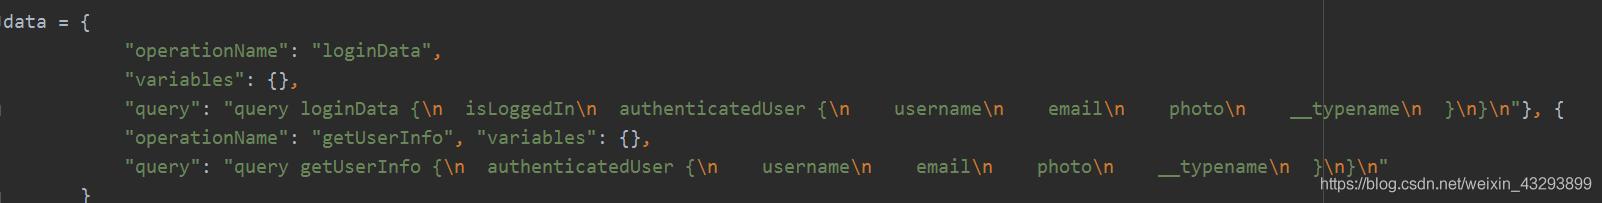 格式化代码